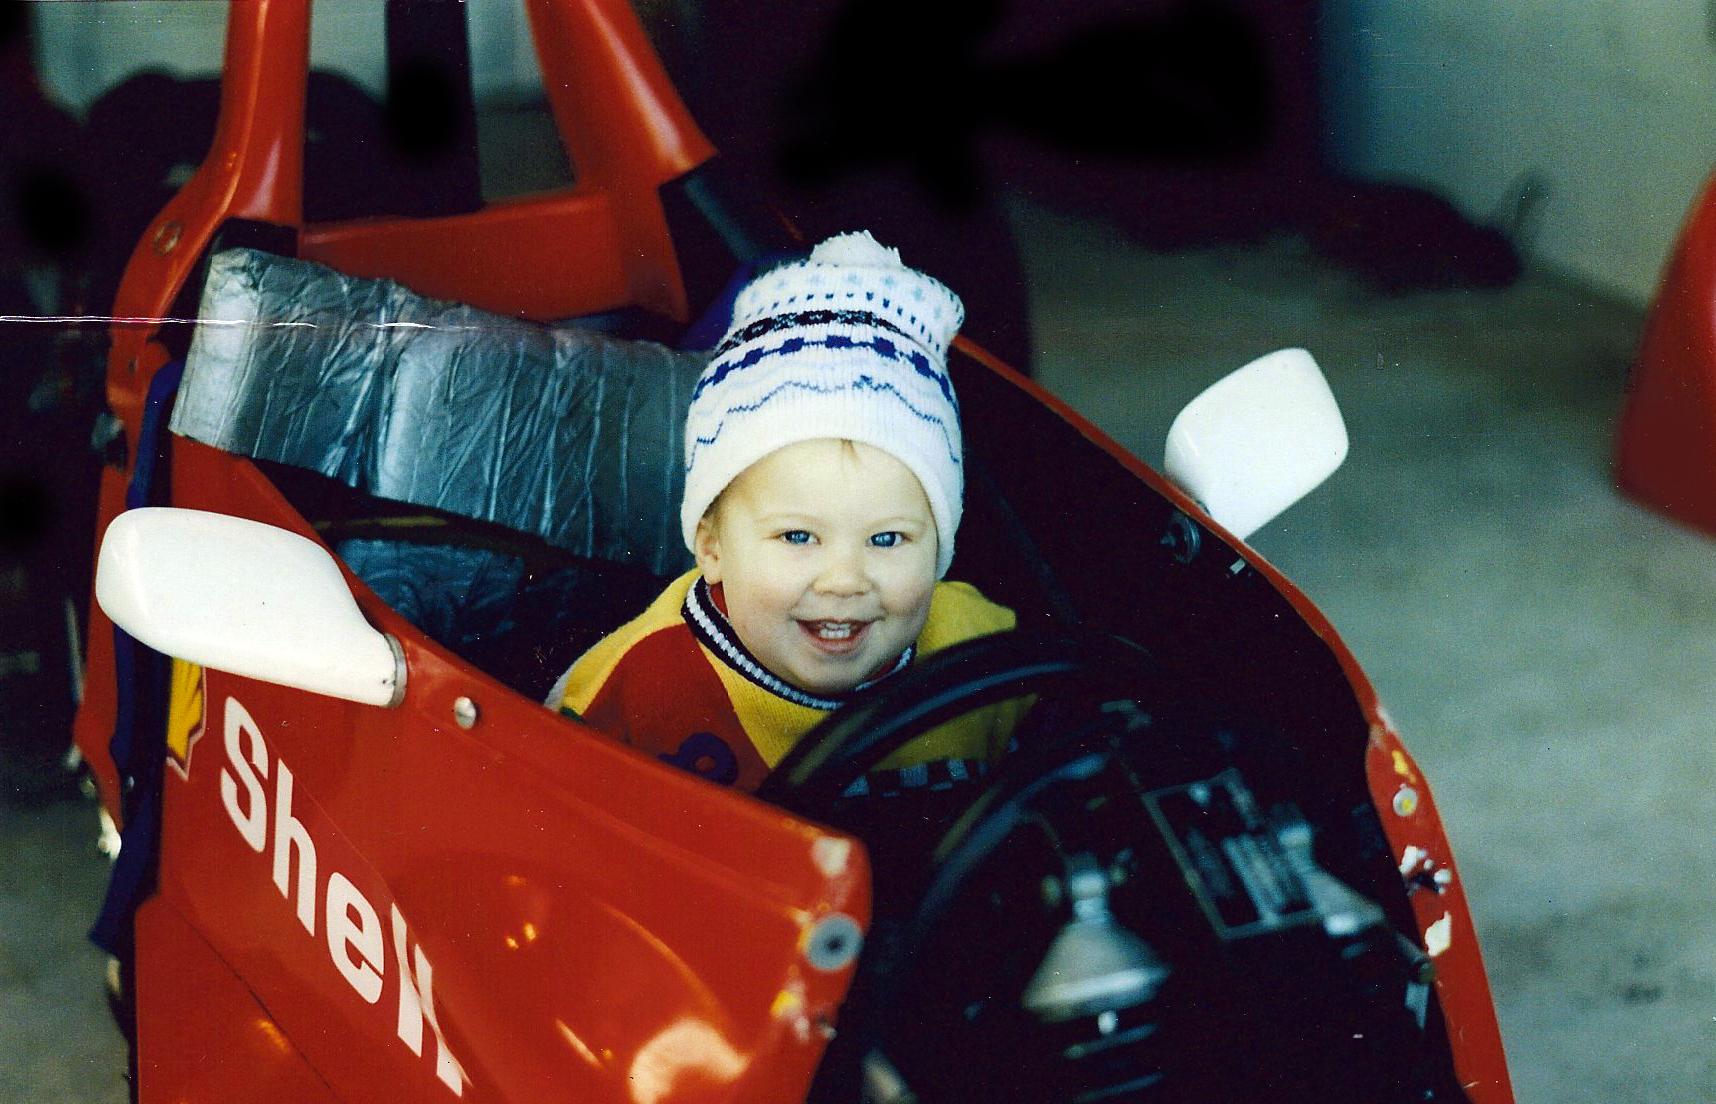 Jono Lester as a baby 1991